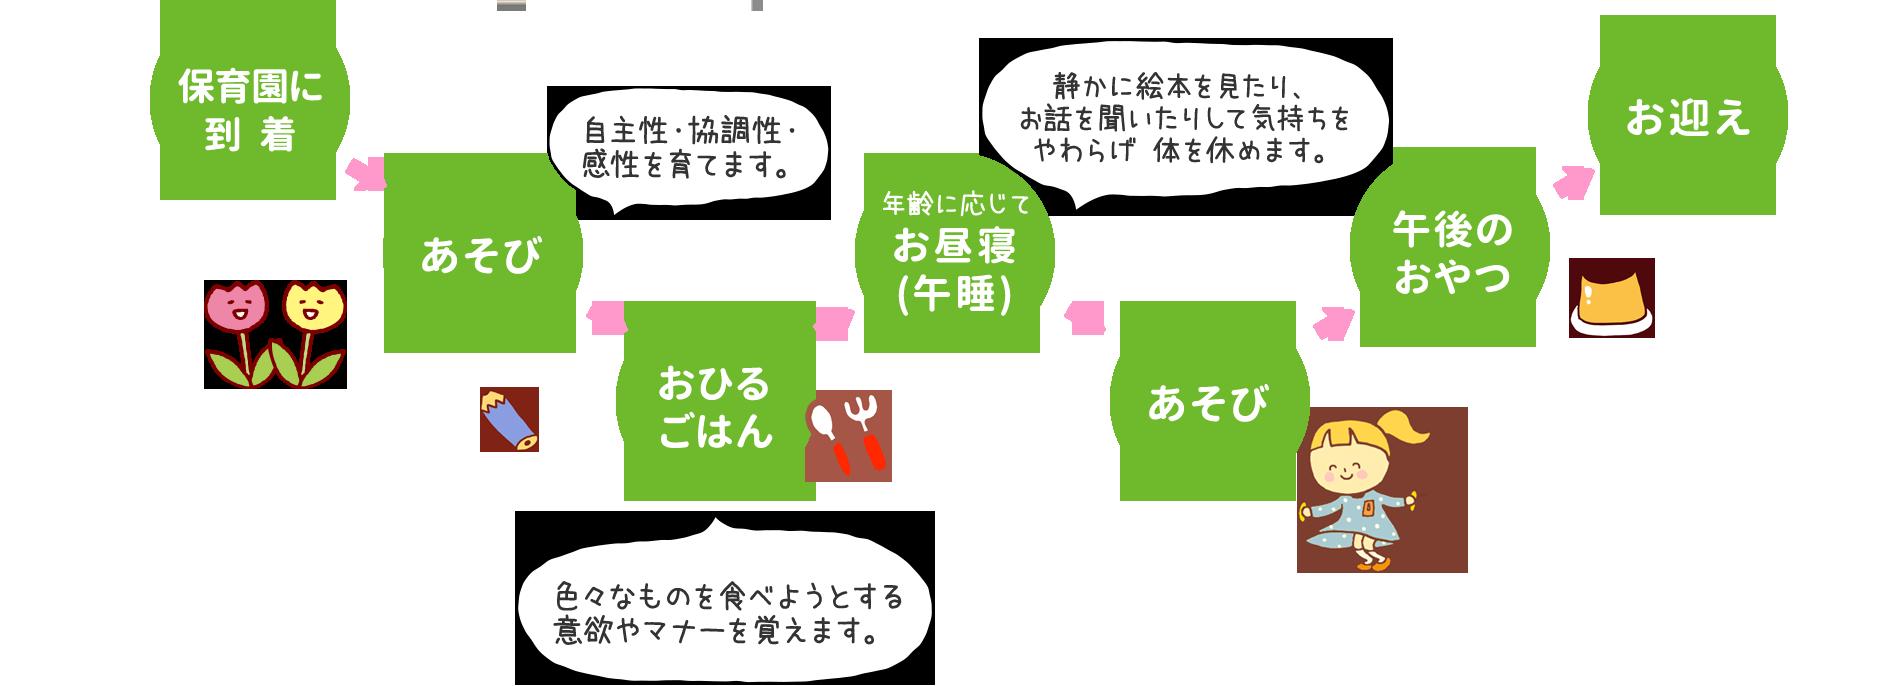 保育園に到着→あそび→おひるごはん→お昼寝→あそび→午後のおやつ→お迎え